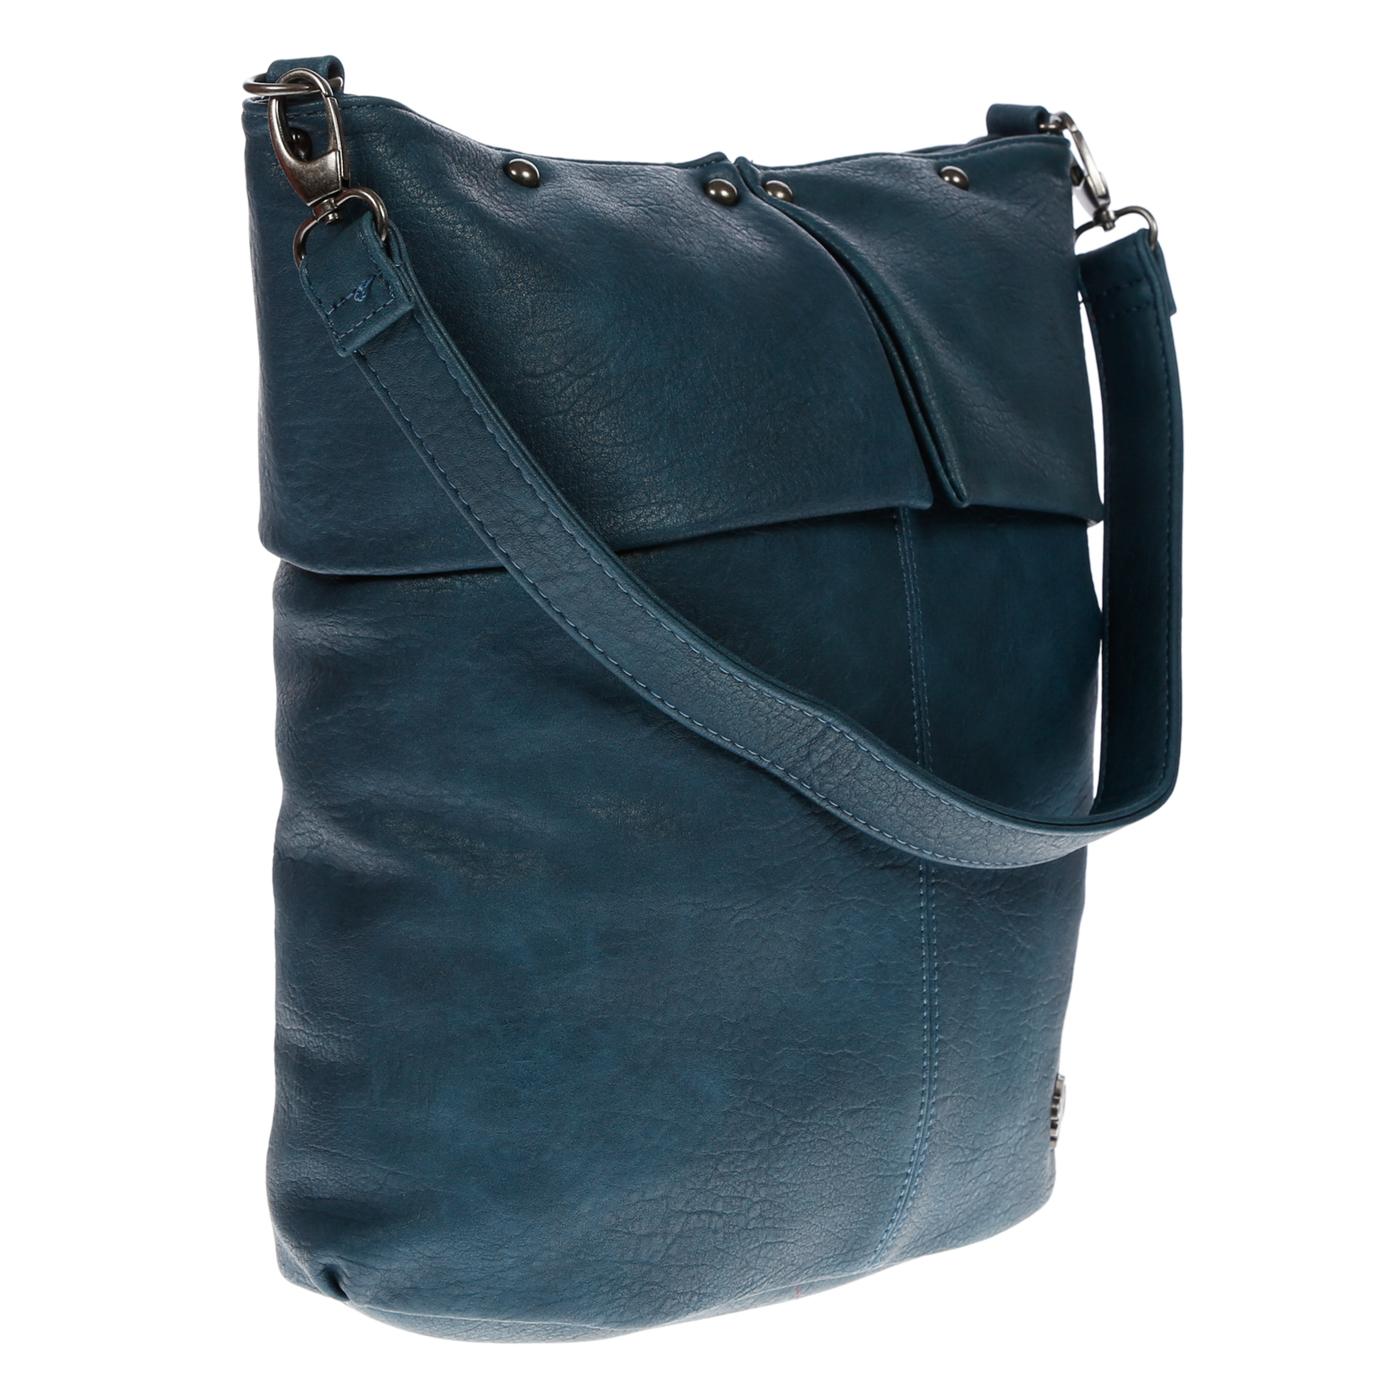 Damentasche-Umhaengetasche-Handtasche-Schultertasche-Leder-Optik-Tasche-Schwarz Indexbild 13